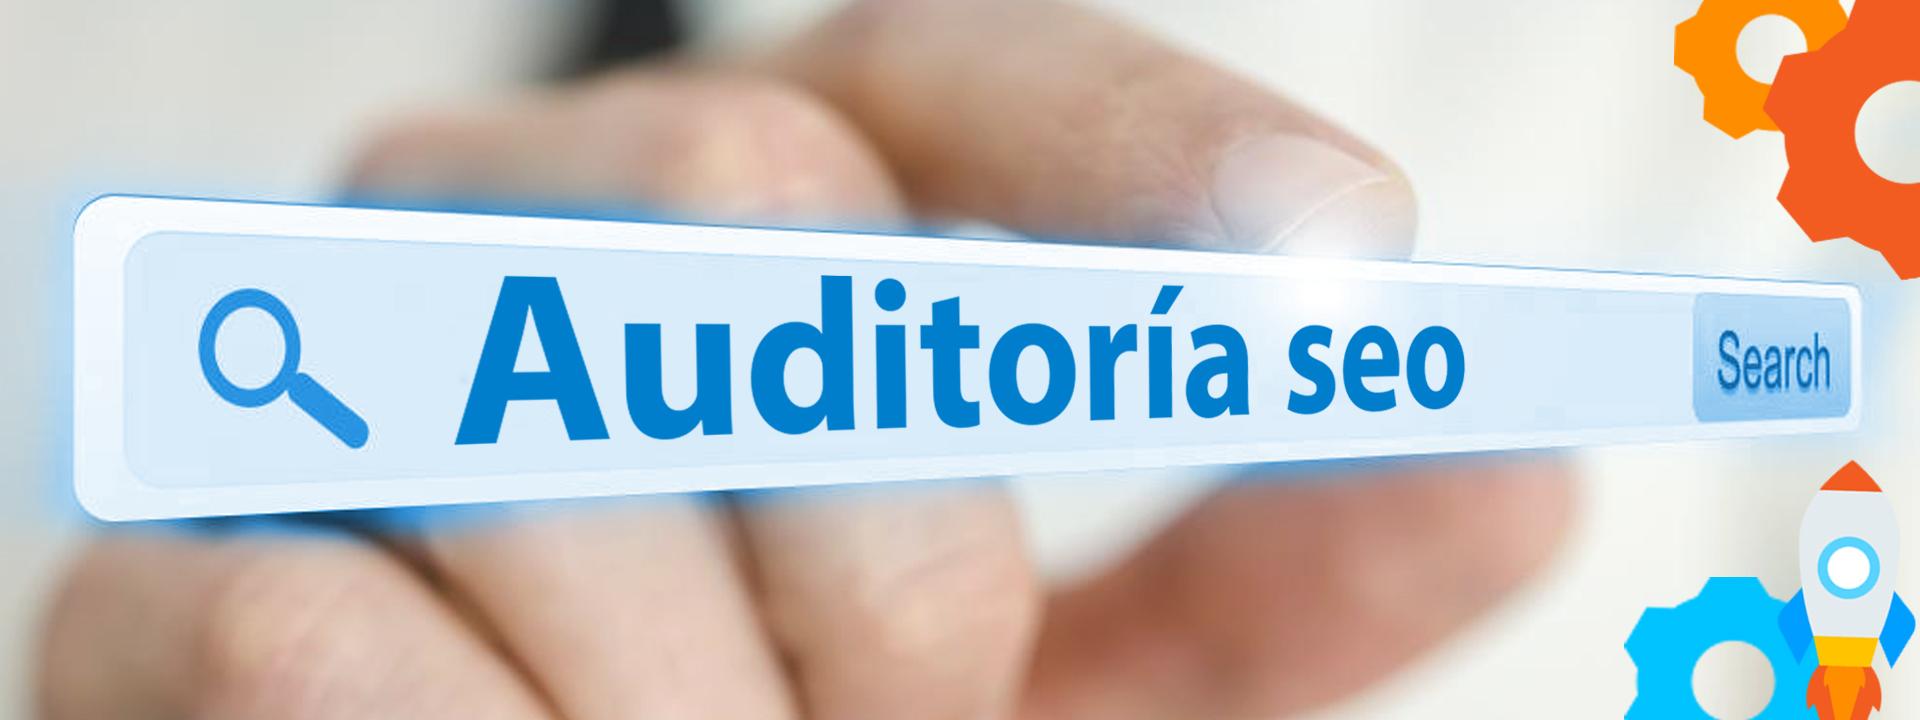 Auditoria SEO - Artech Digital